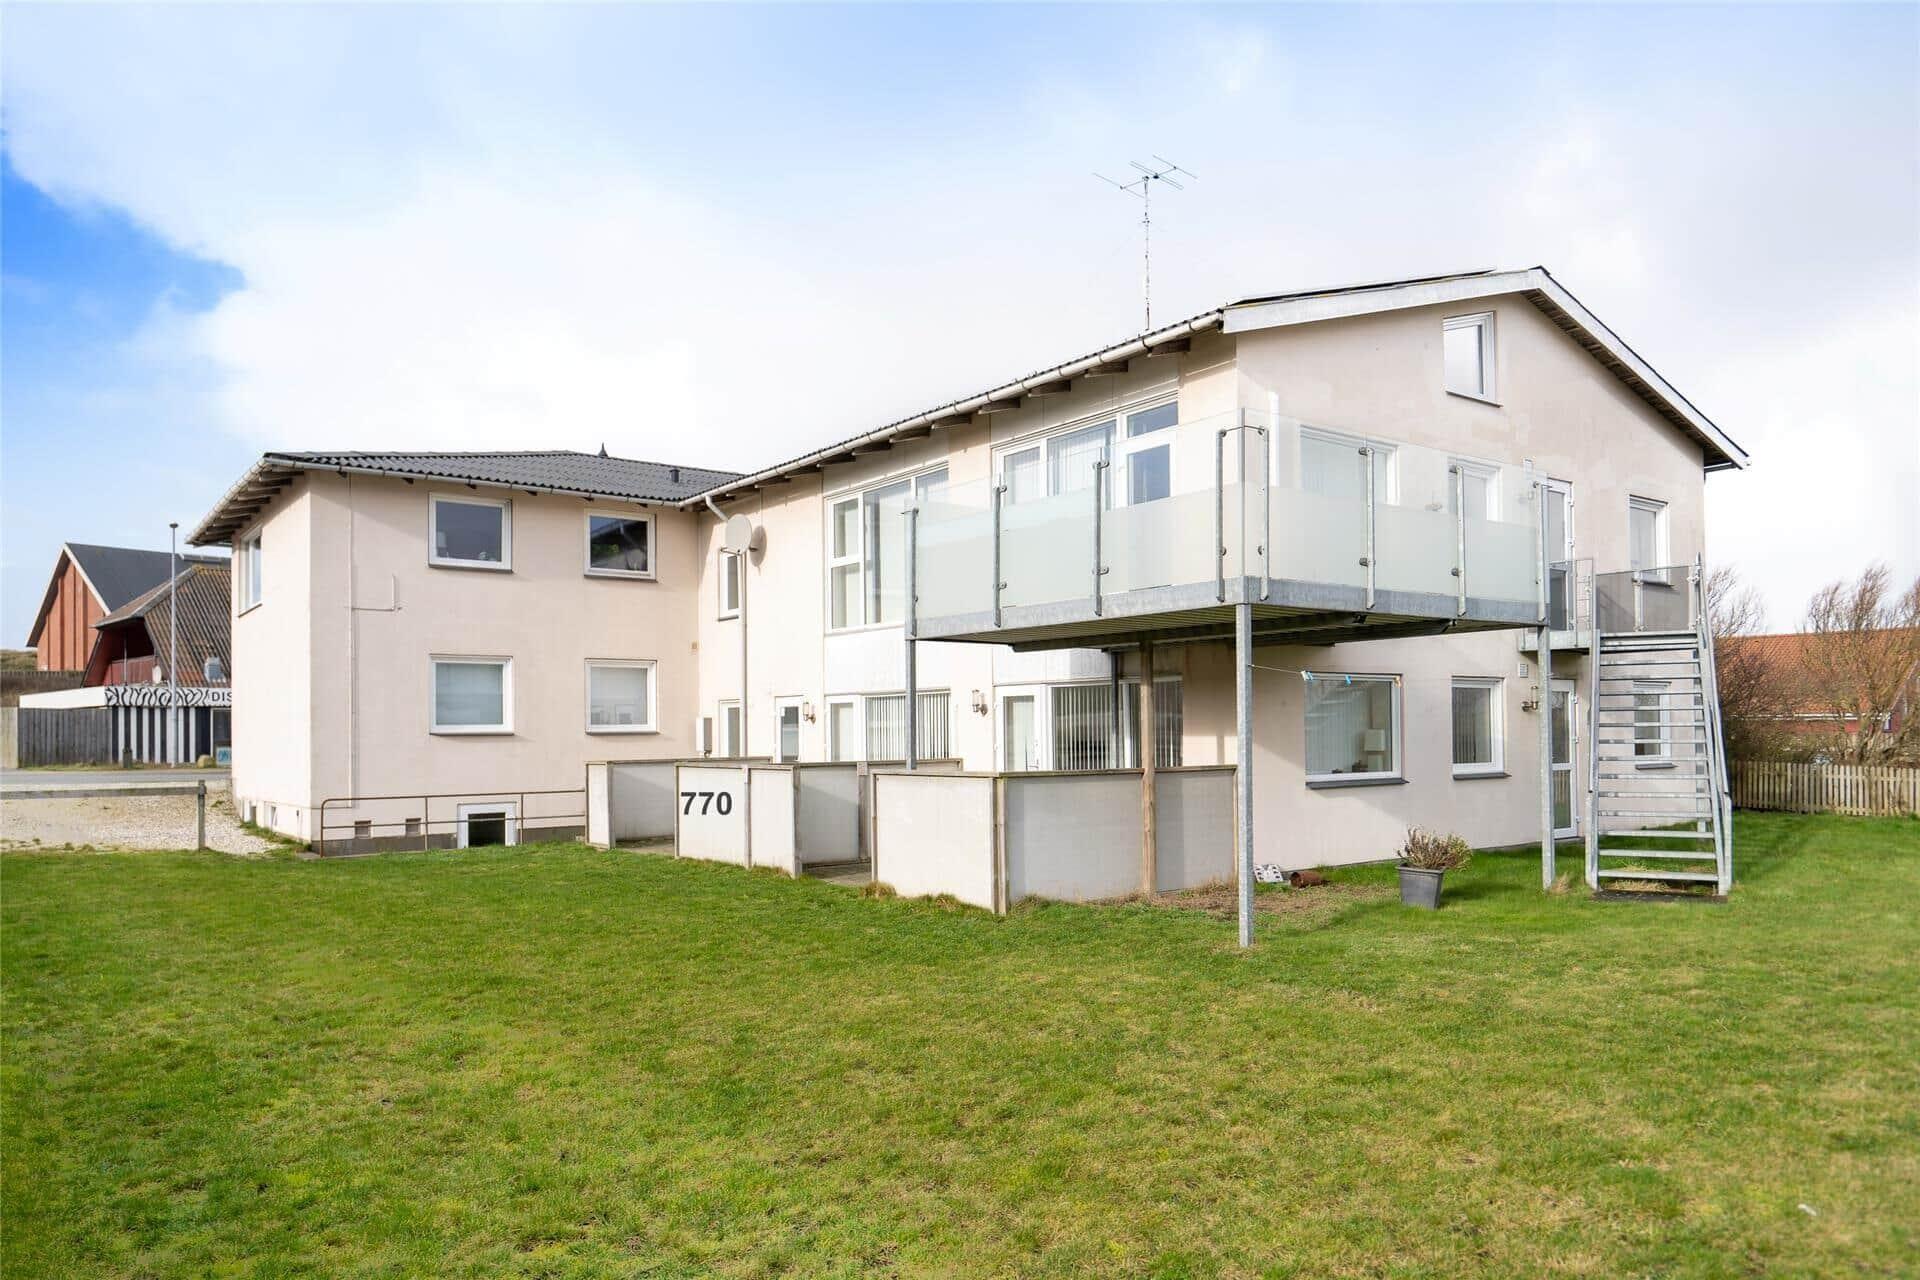 Billede 1-4 Sommerhus 770, Nørregade 4, DK - 6960 Hvide Sande